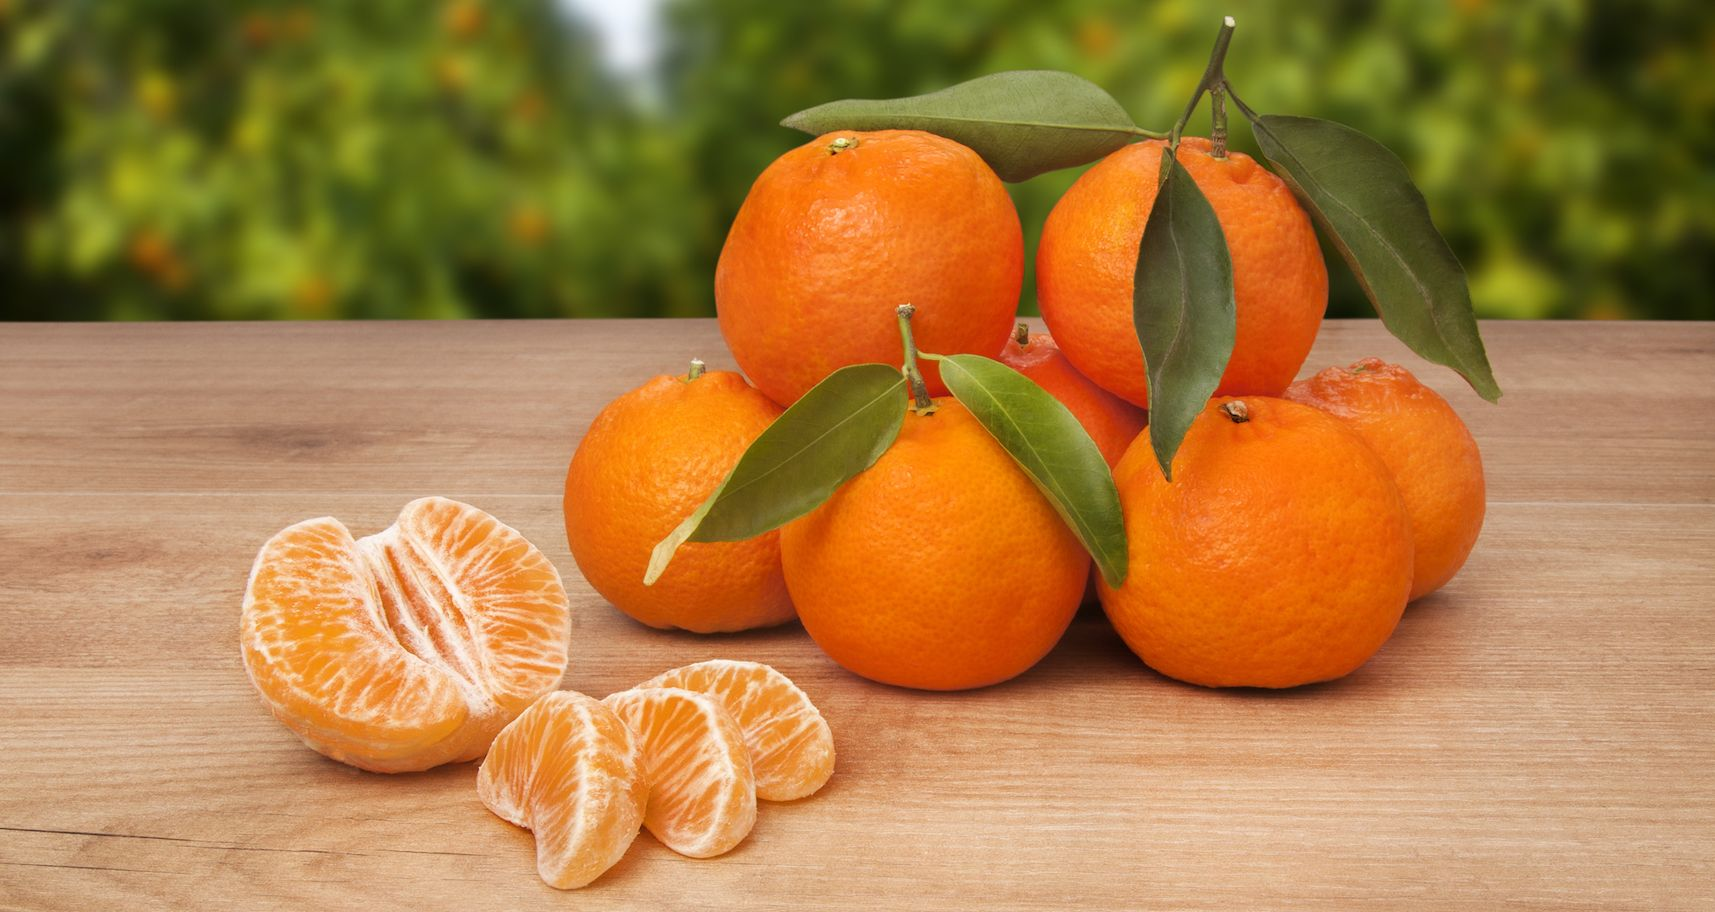 Comprar mandarinas valencianas a domicilio